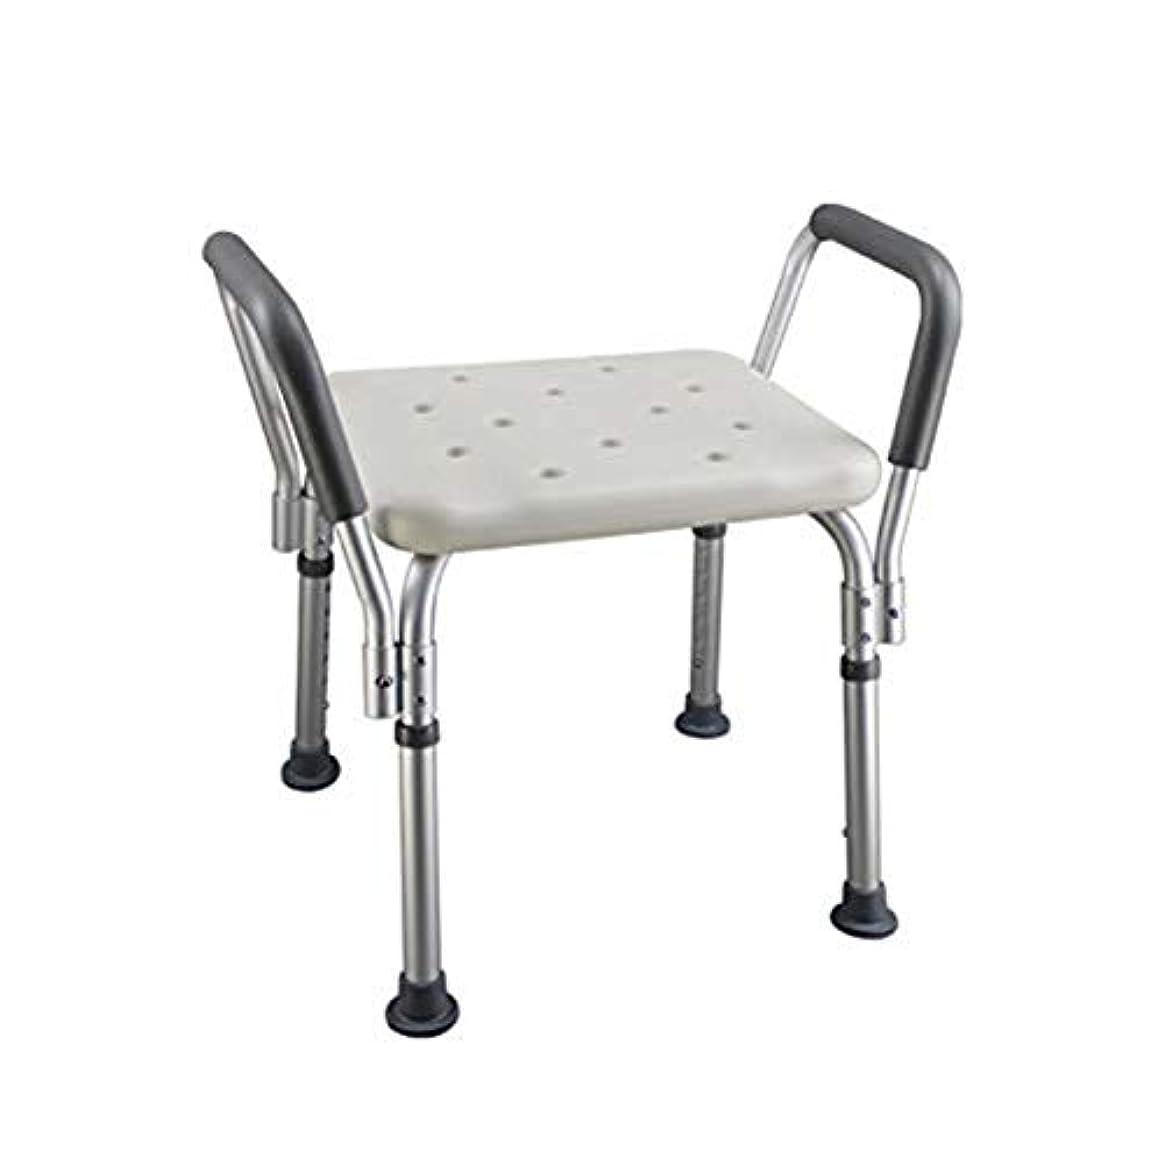 広げる彼自身タイヤトイレチェアハンディキャップ用折りたたみ椅子